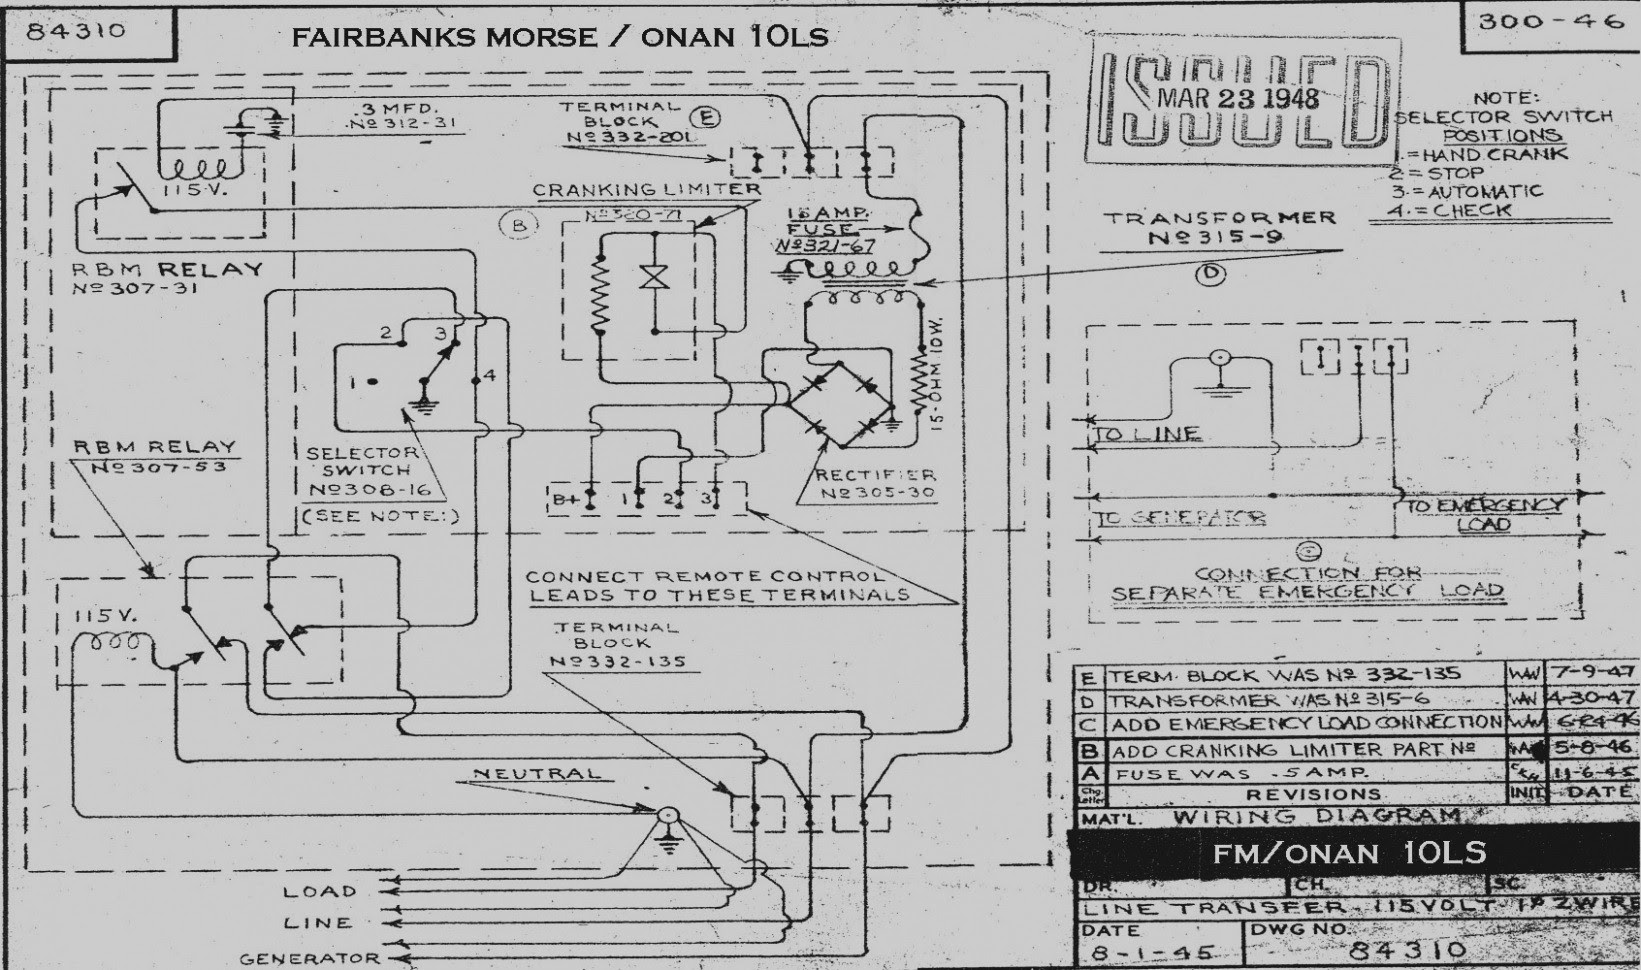 onan 65 marine generator wiring diagram